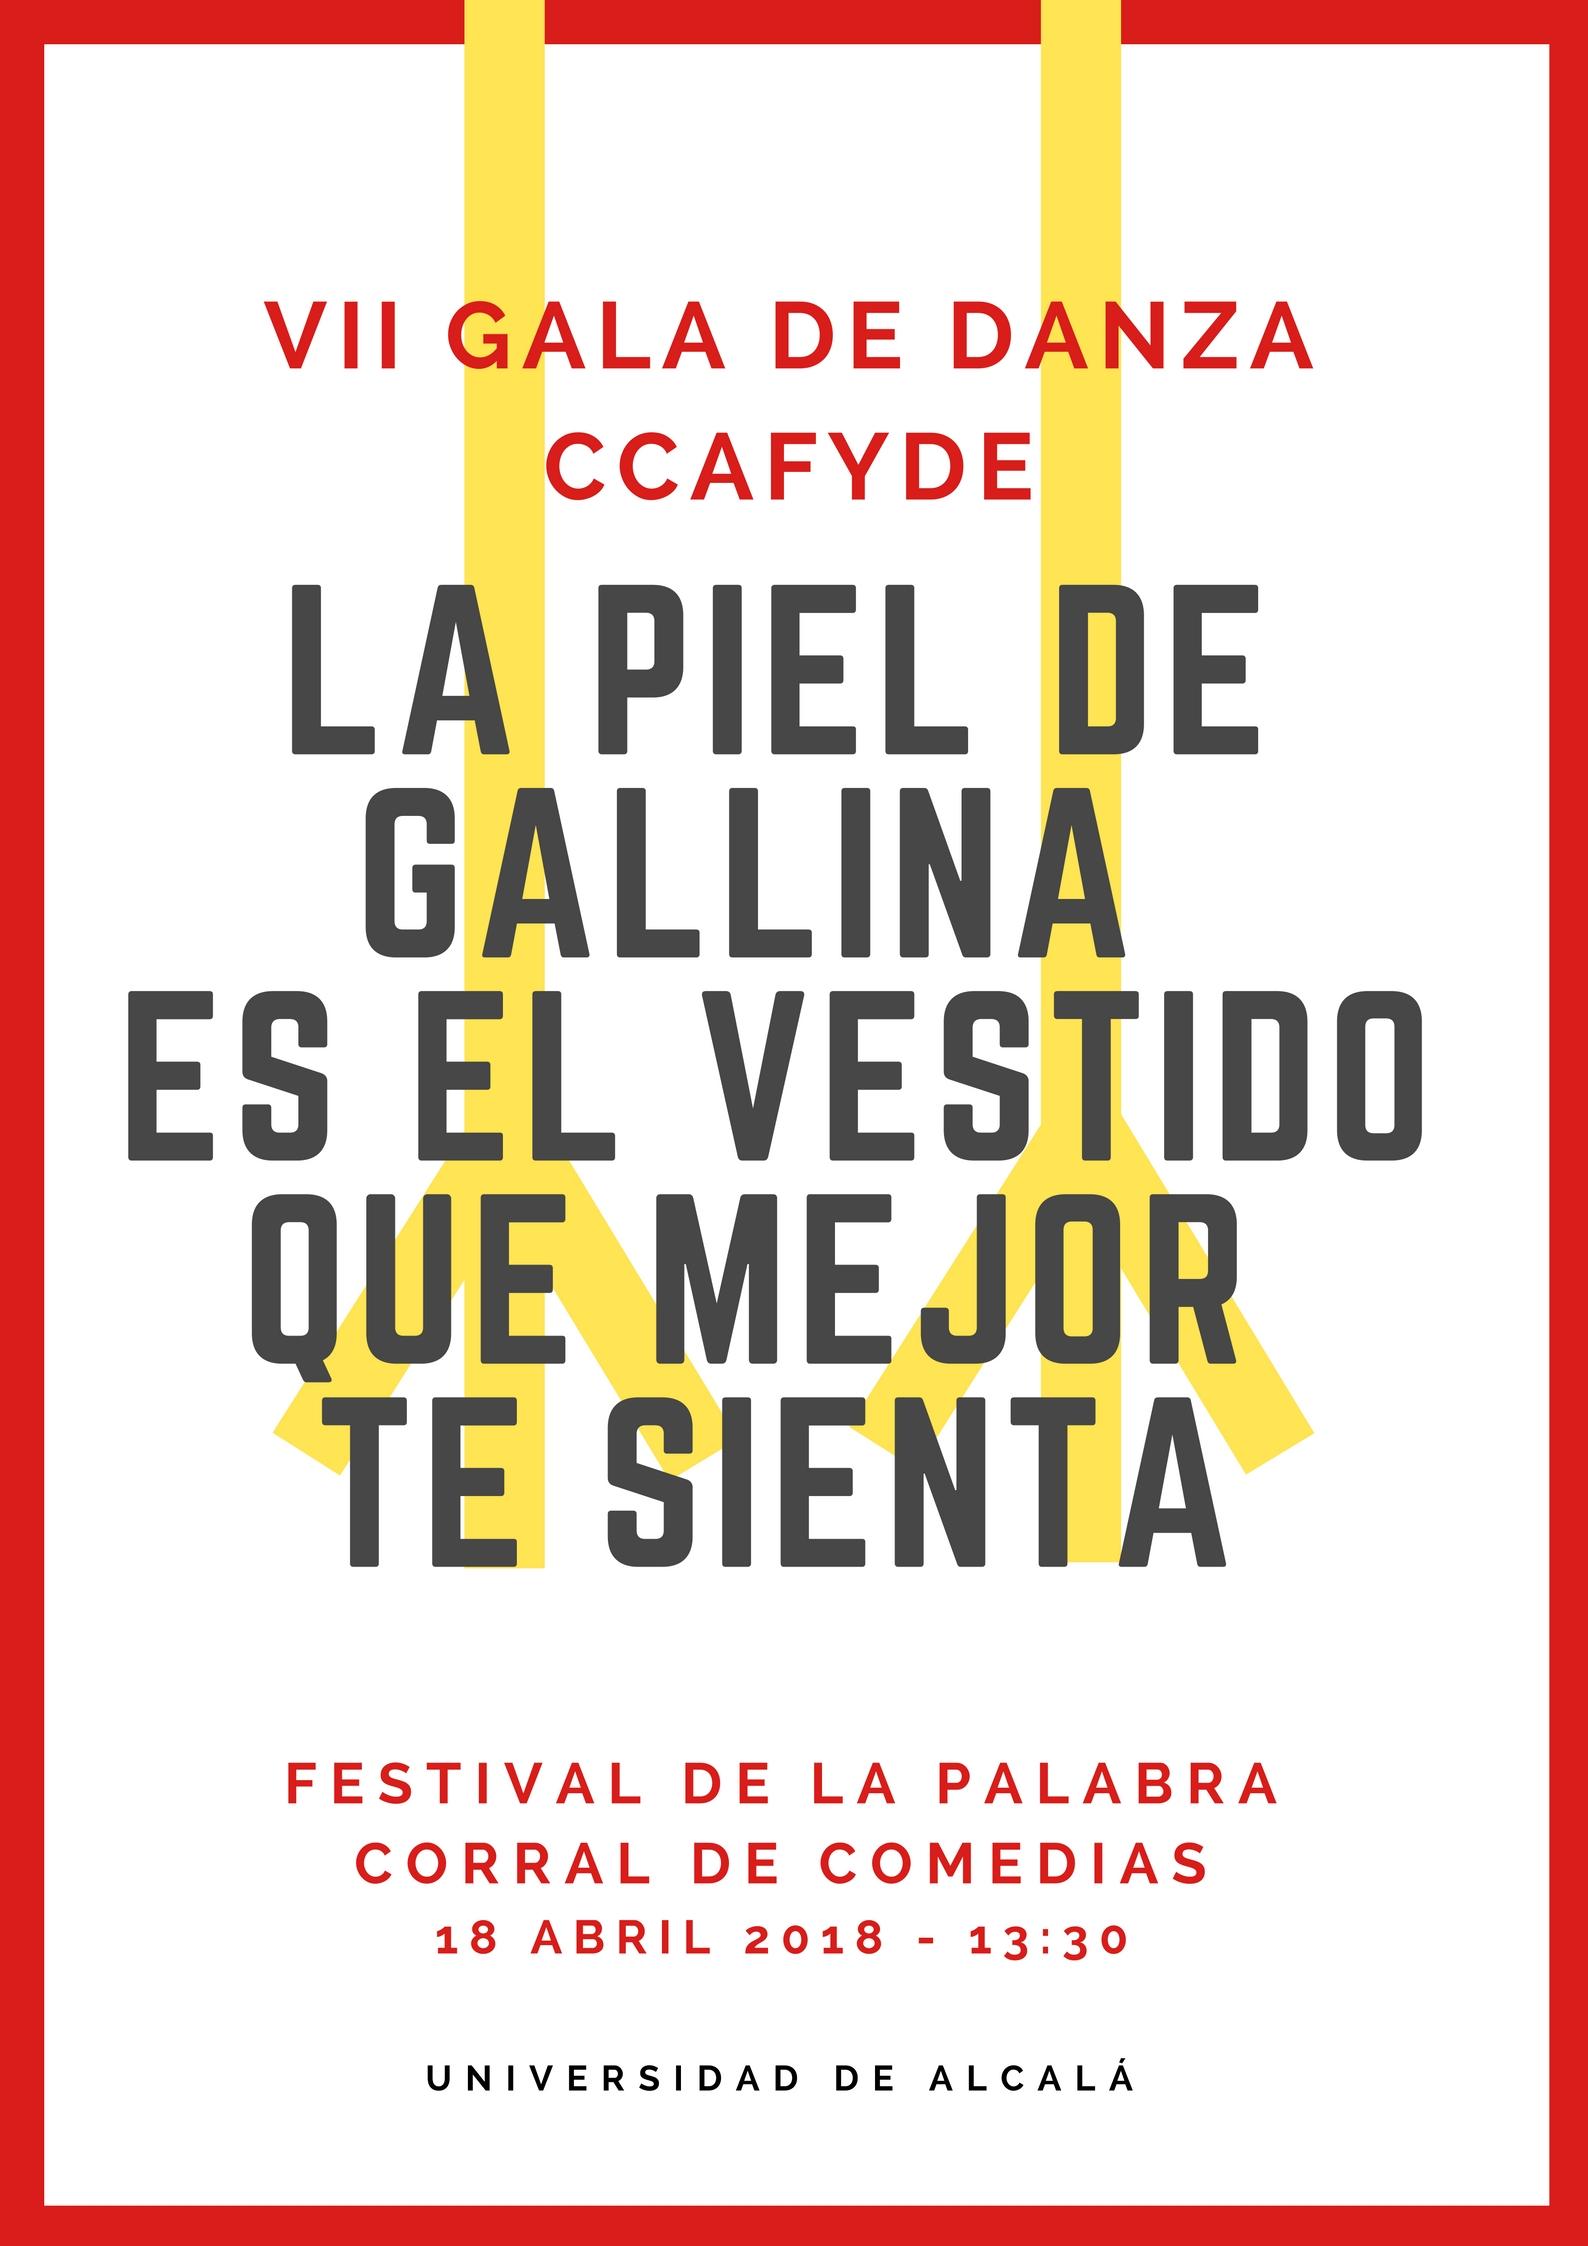 Cartel LA PIEL DE GALLINA ES EL VESTIDO QUE MEJOR TE SIENTA.jpg